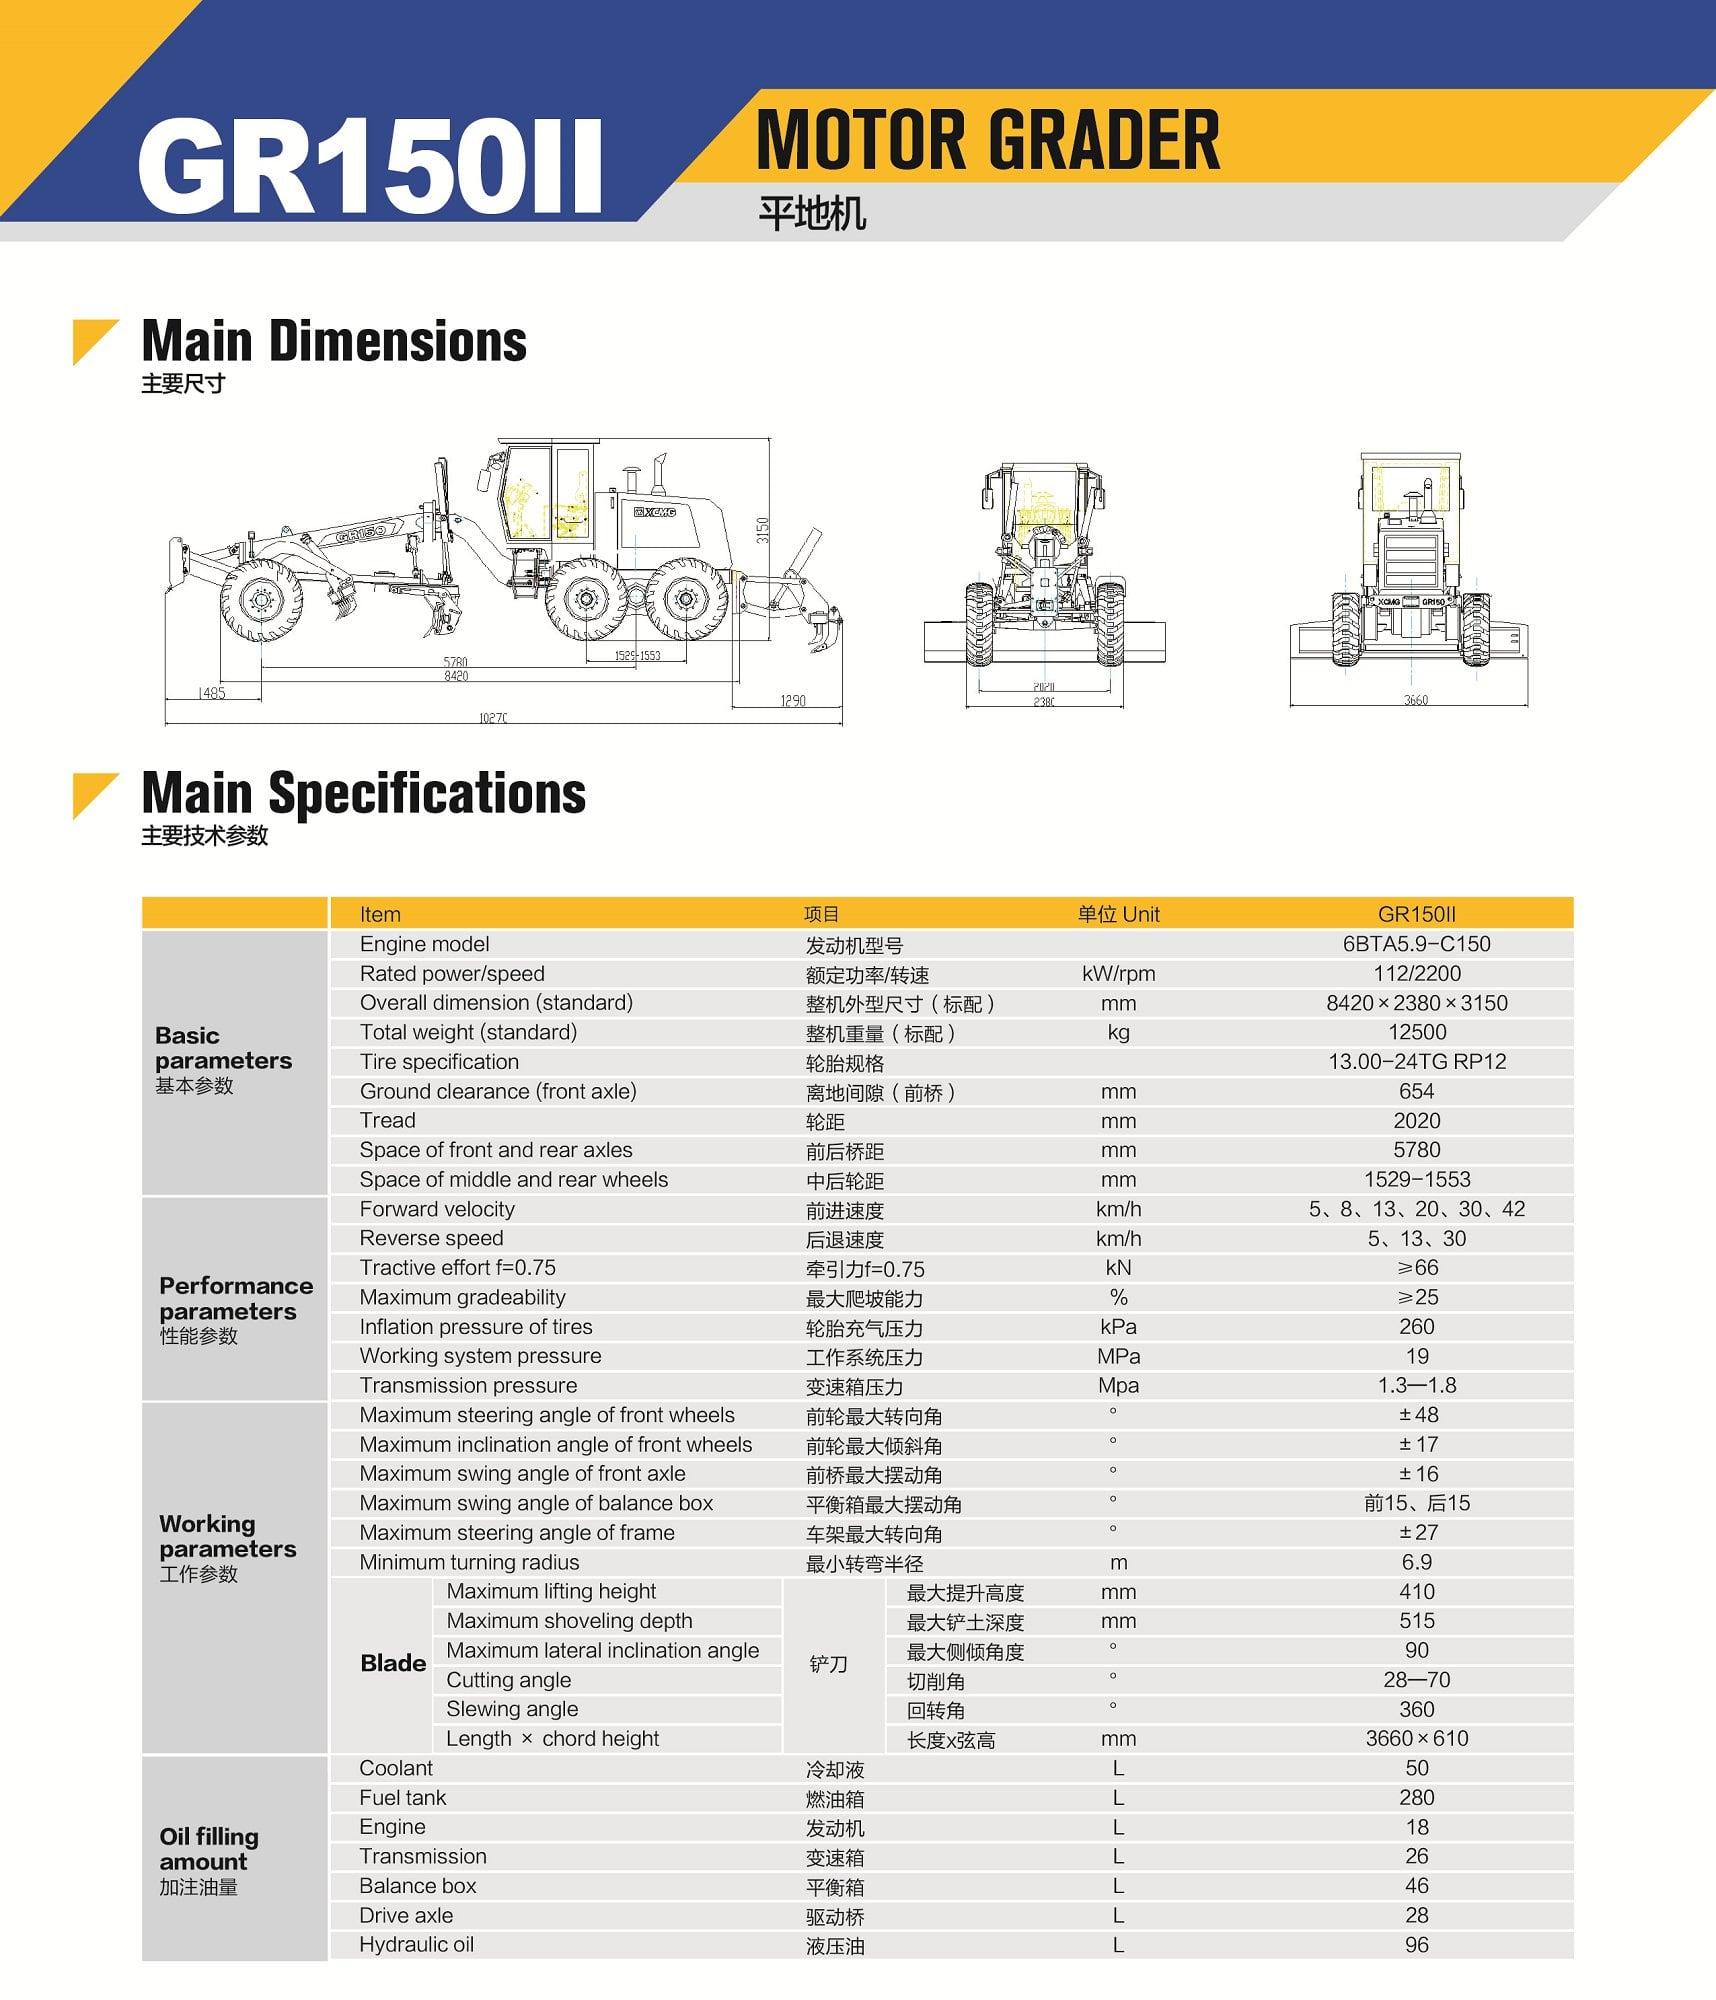 XCMG Official Motor Grader GR150II For Sale